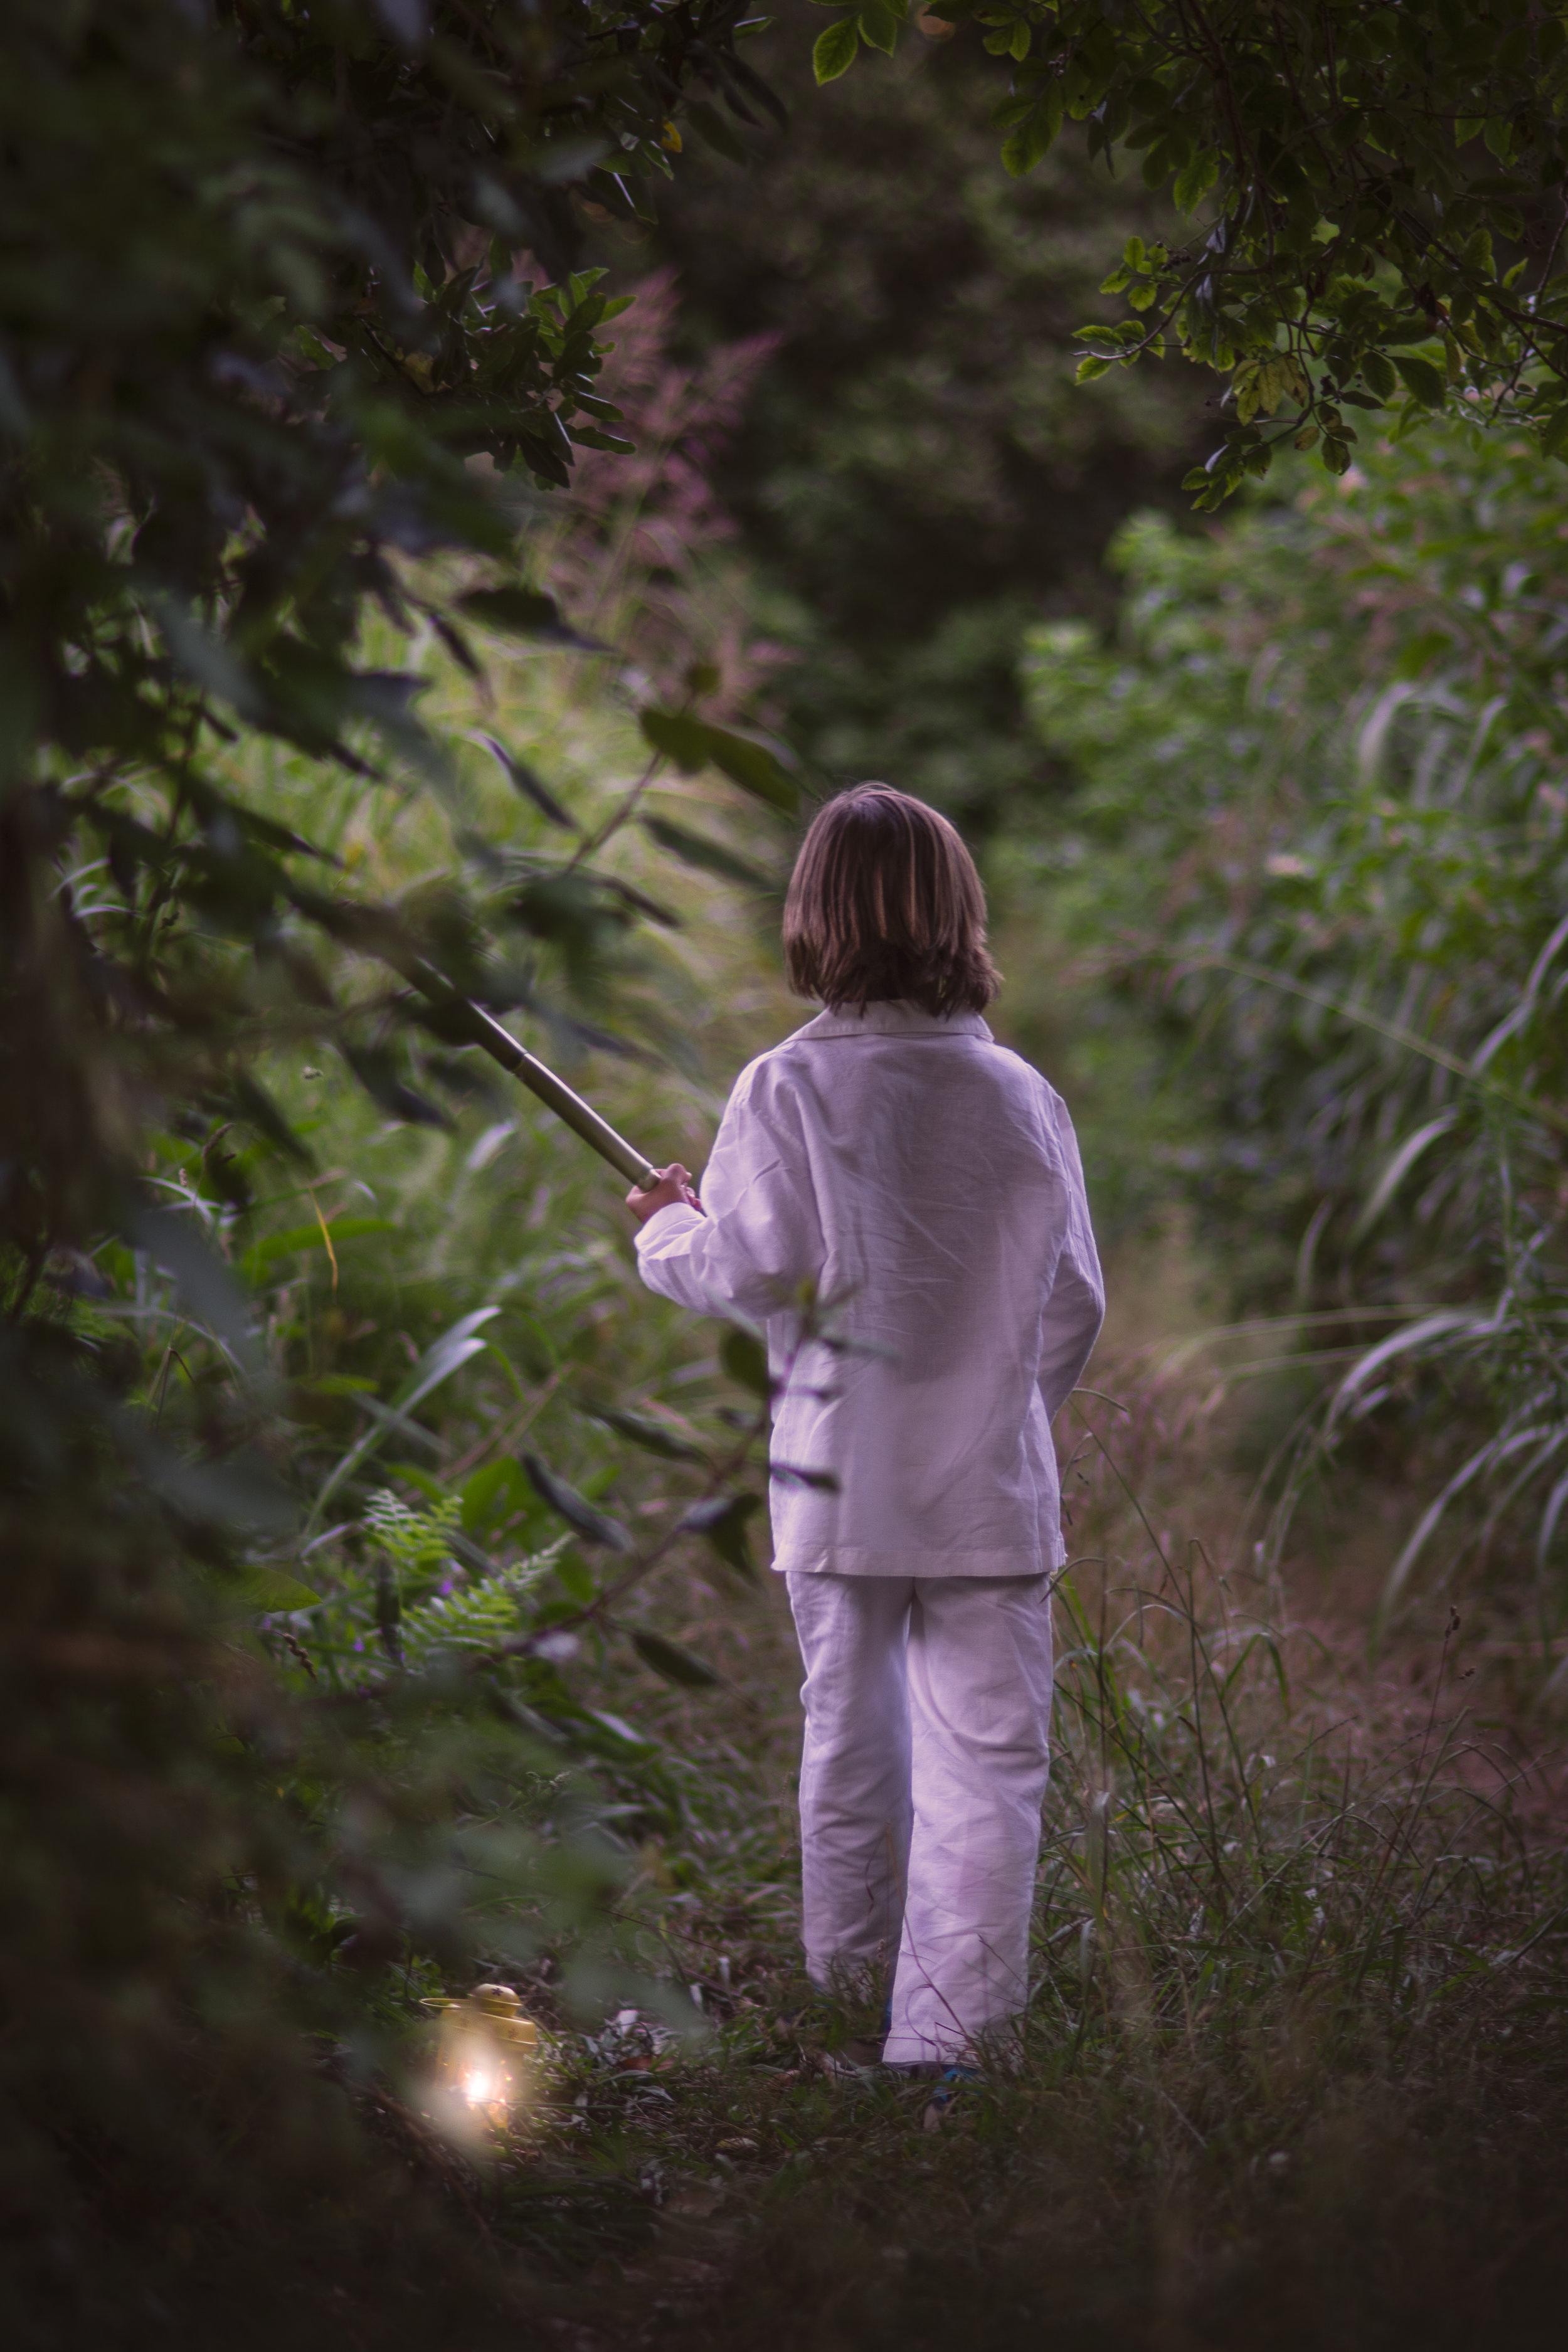 Sesion de fotos en el bosque encantado